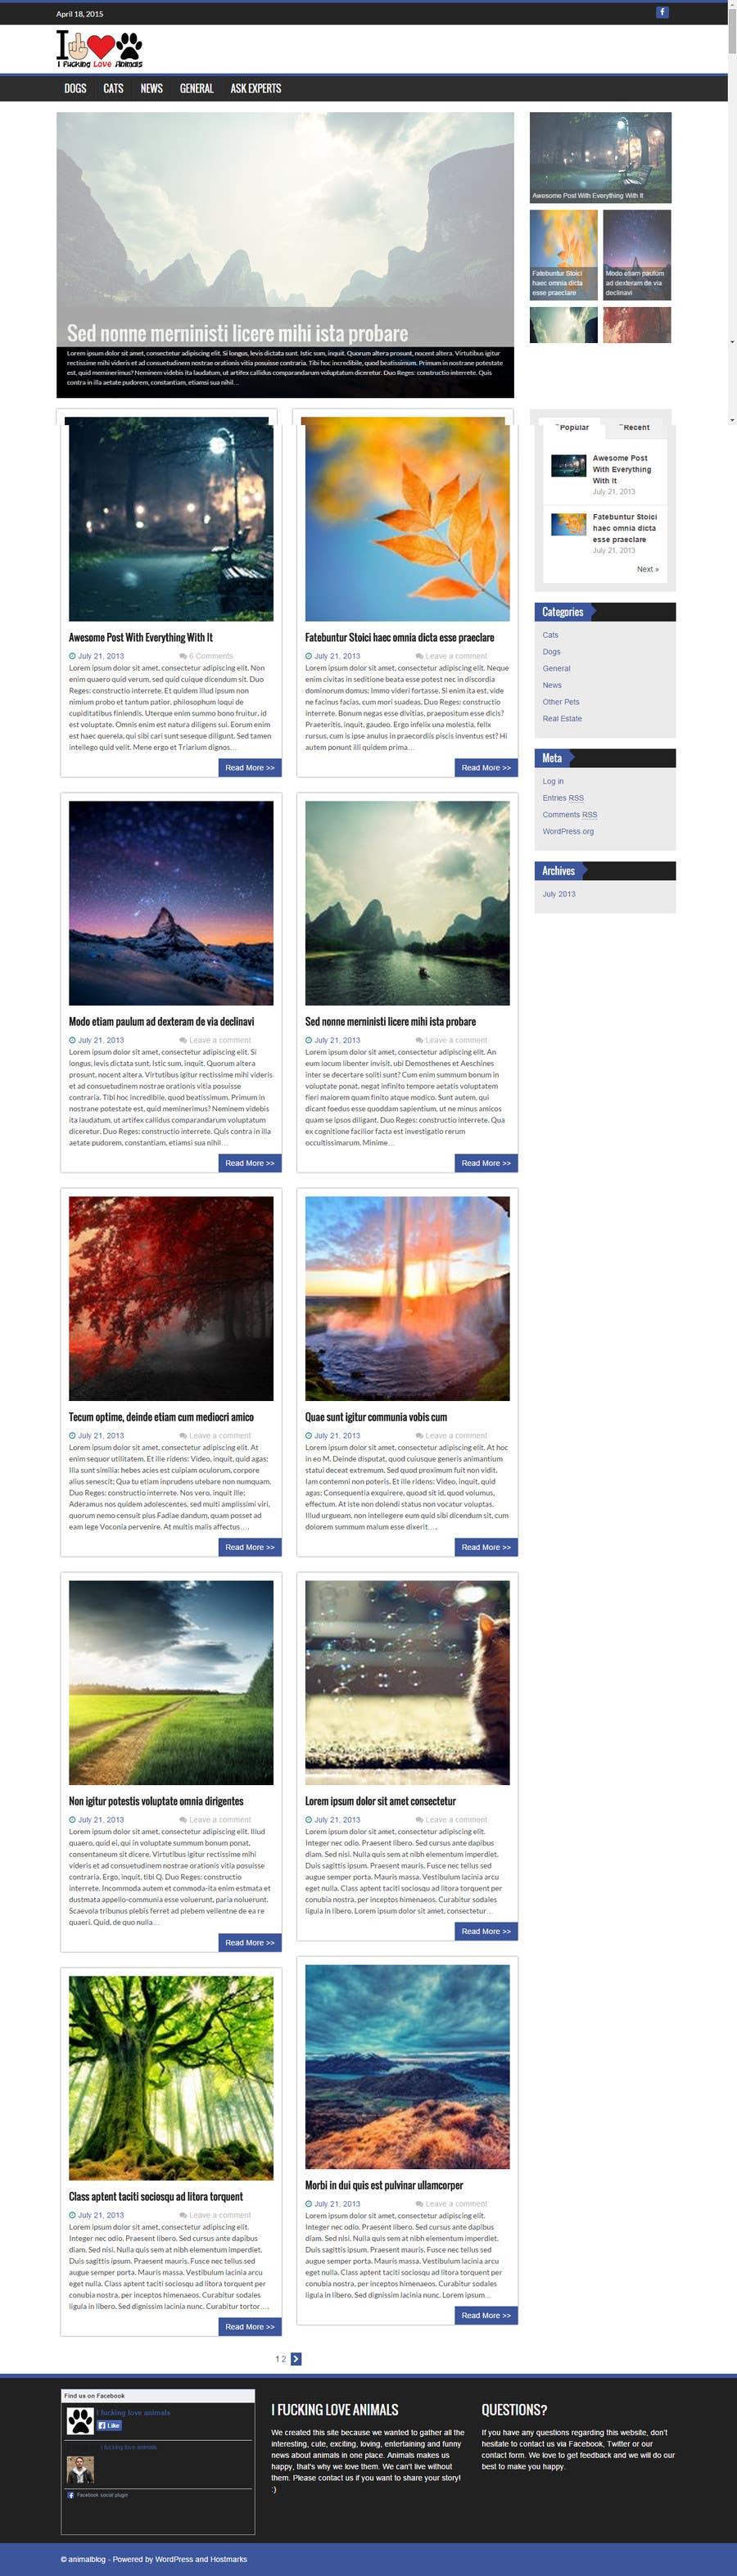 Konkurrenceindlæg #                                        13                                      for                                         Design a layout for my website